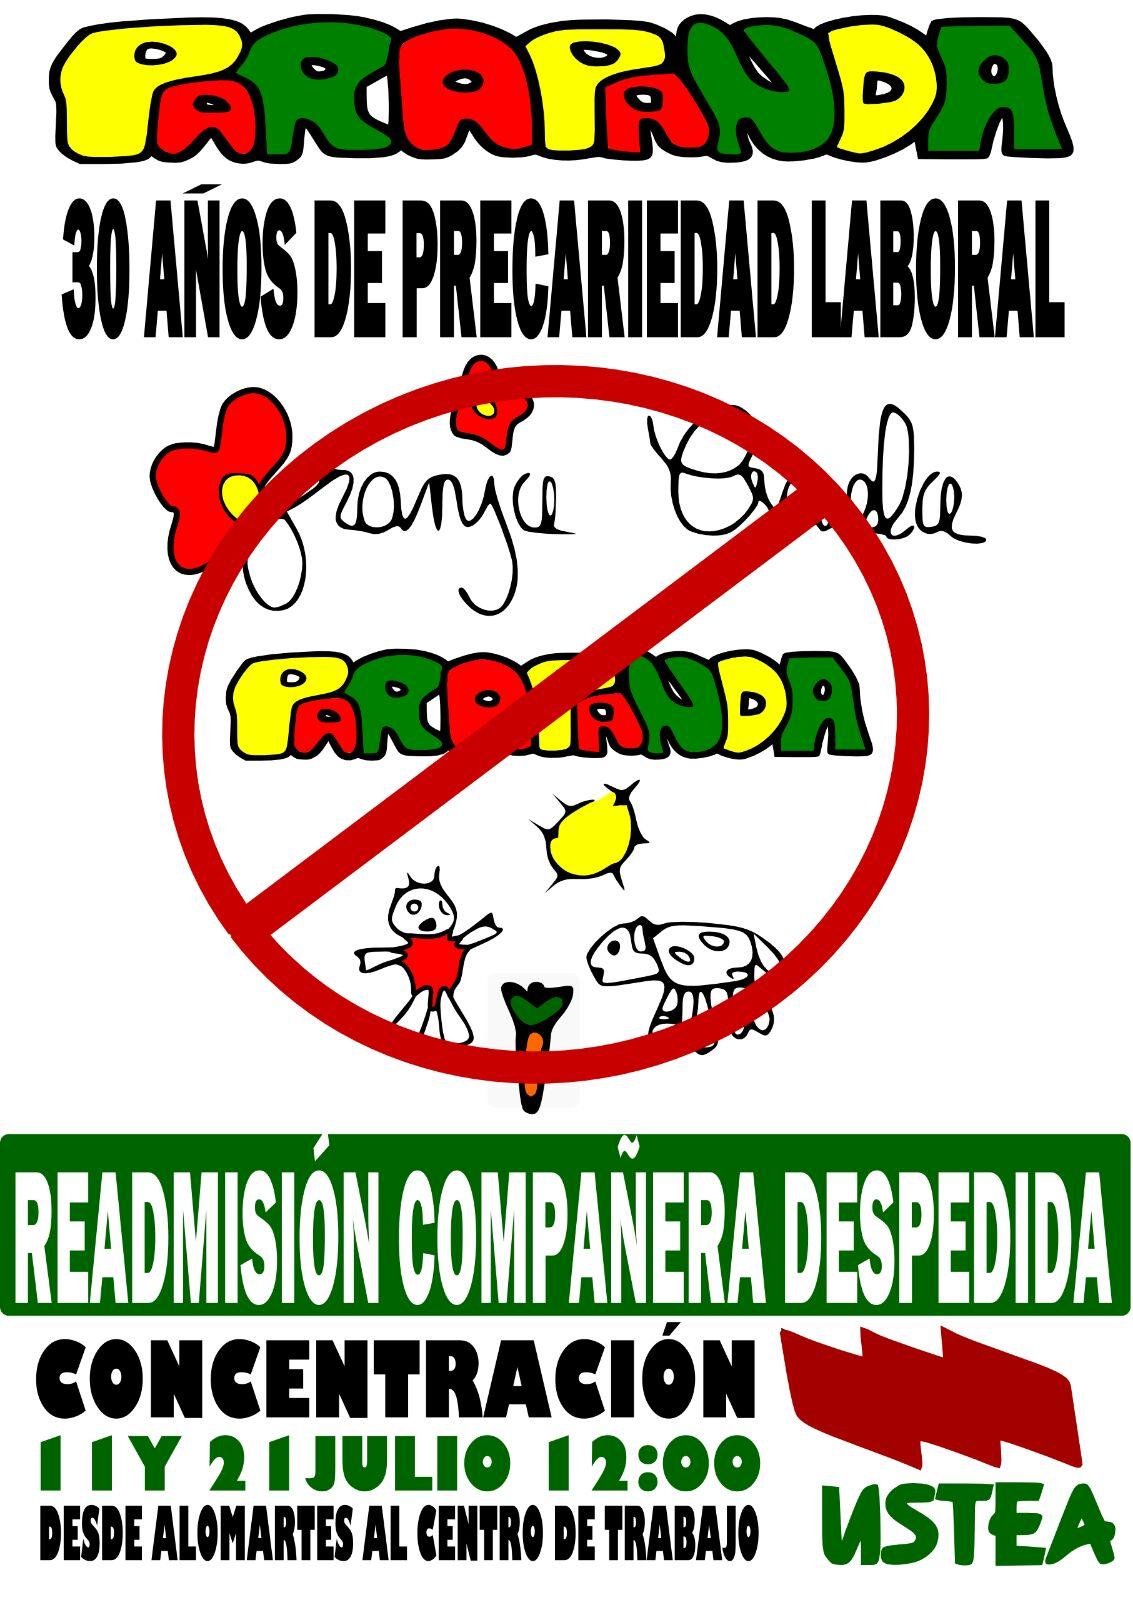 Readimsión de la compañera despedida en la Escuela Granja Parapanda (Alomartes-Granada)